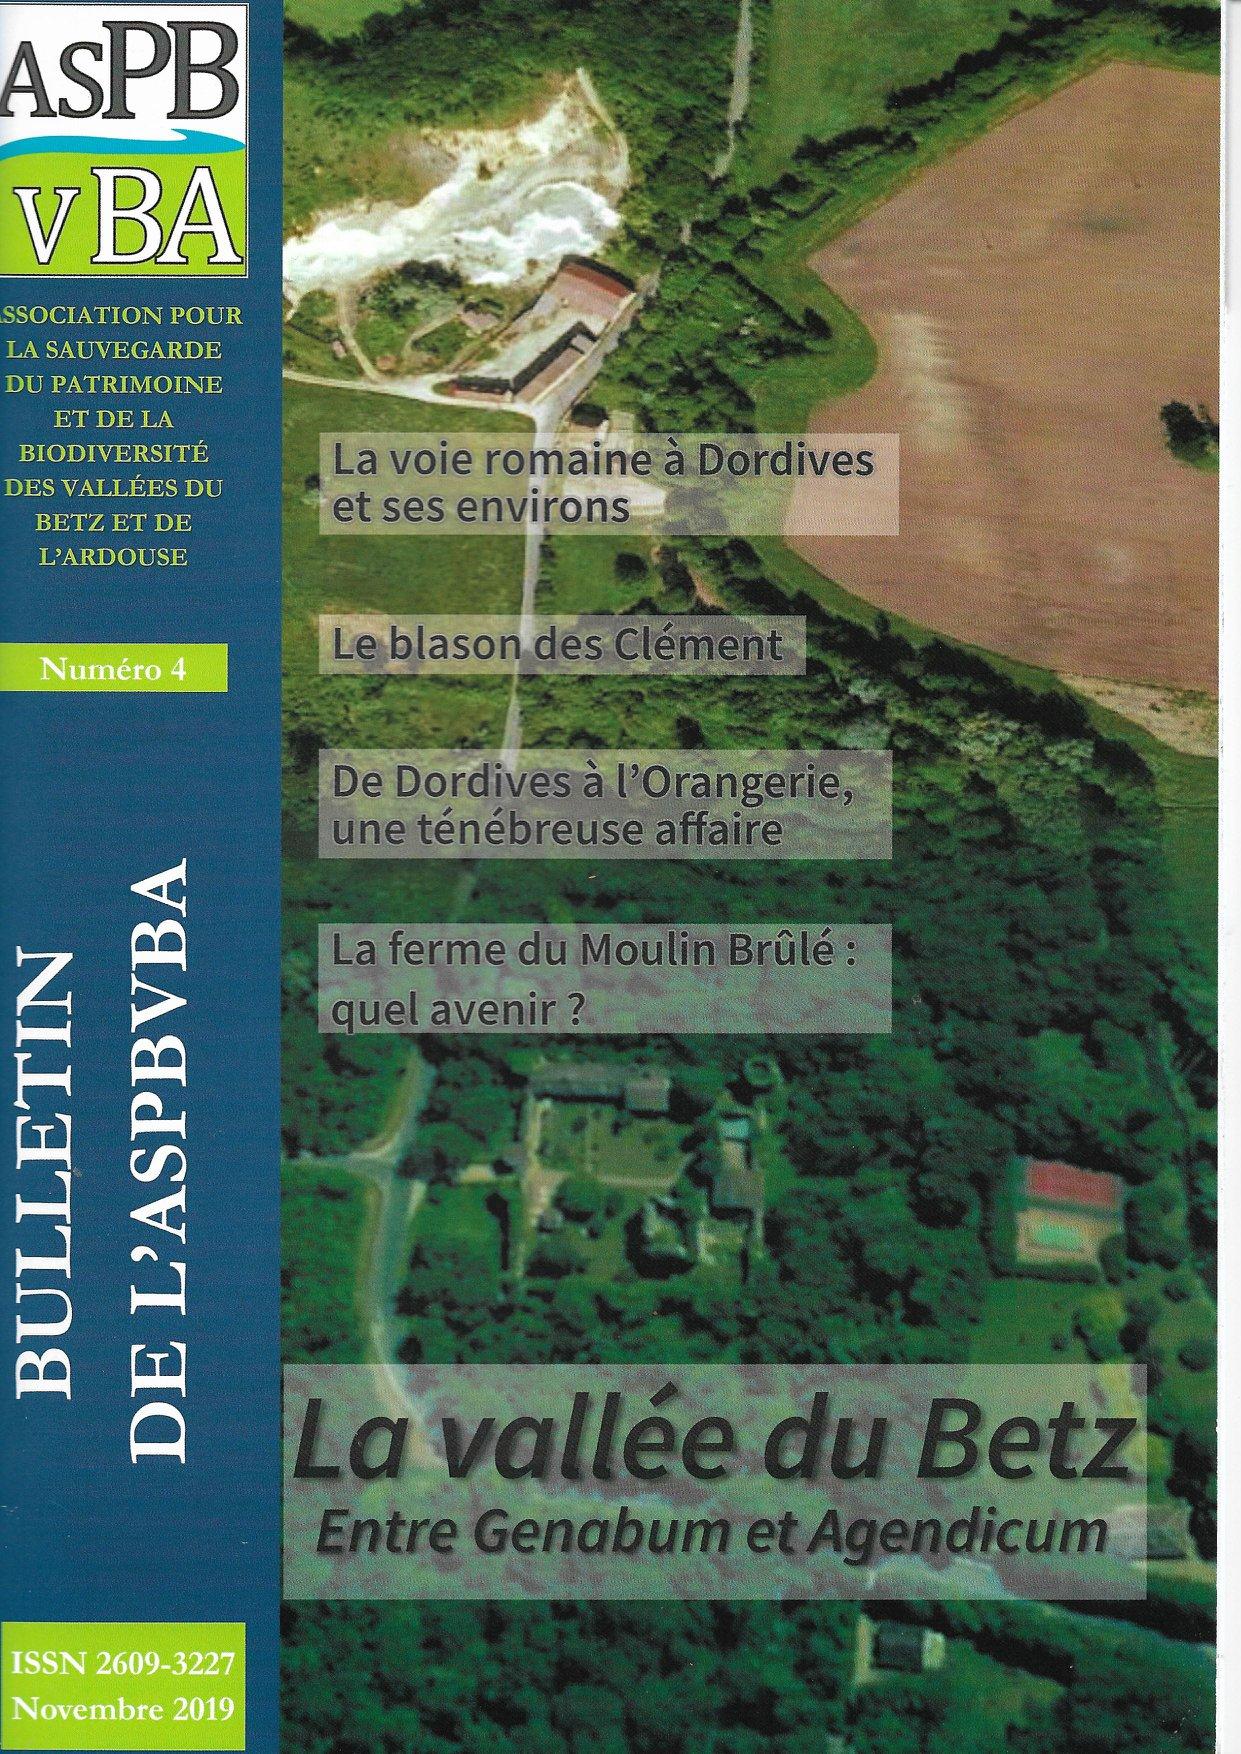 Bulletin n°4 de l'ASPBVBA -  La voie romaine à Dordives et ses environs